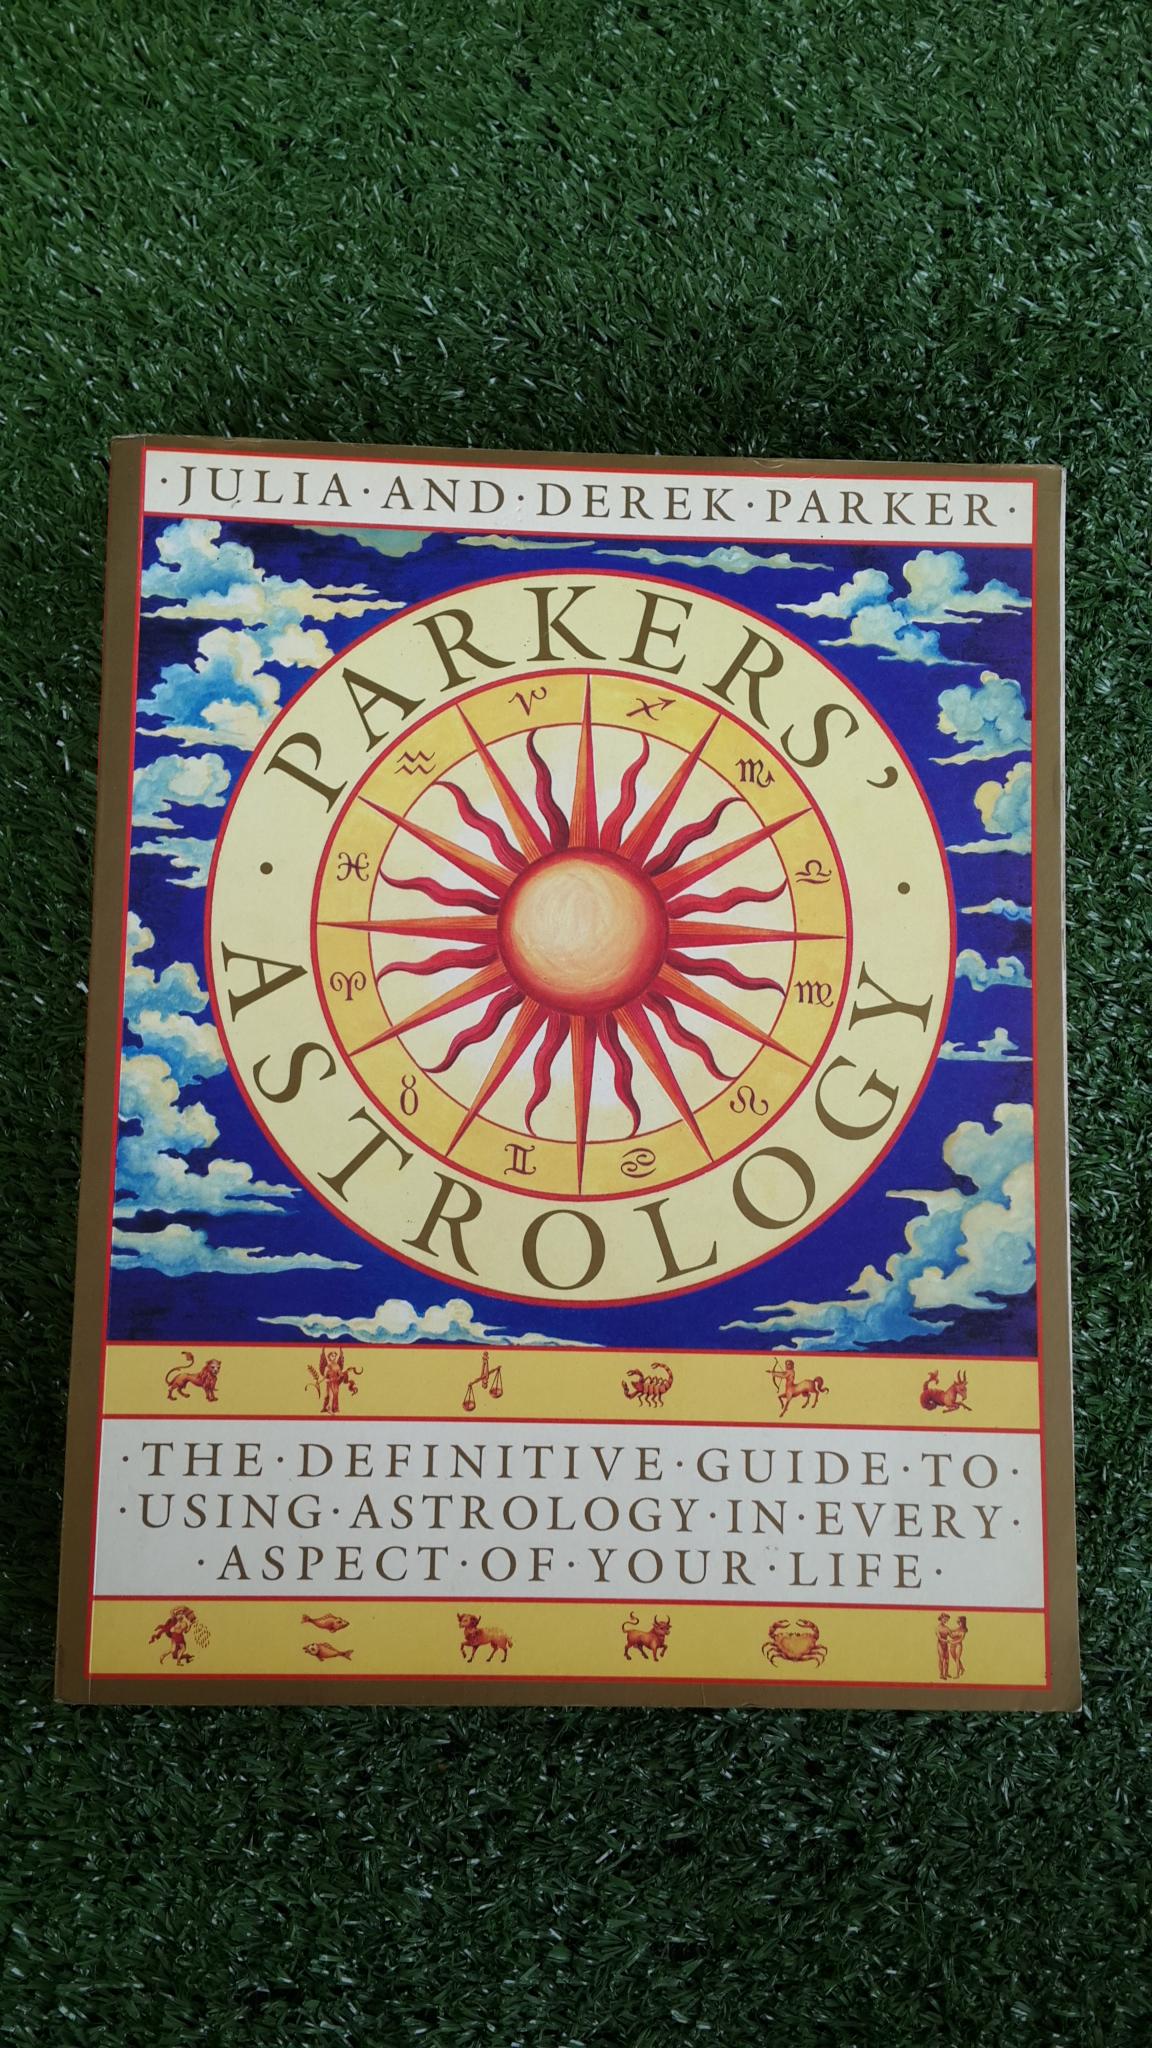 PARKERS'ASTROLOGY / JULIA AND DEREK PARKER